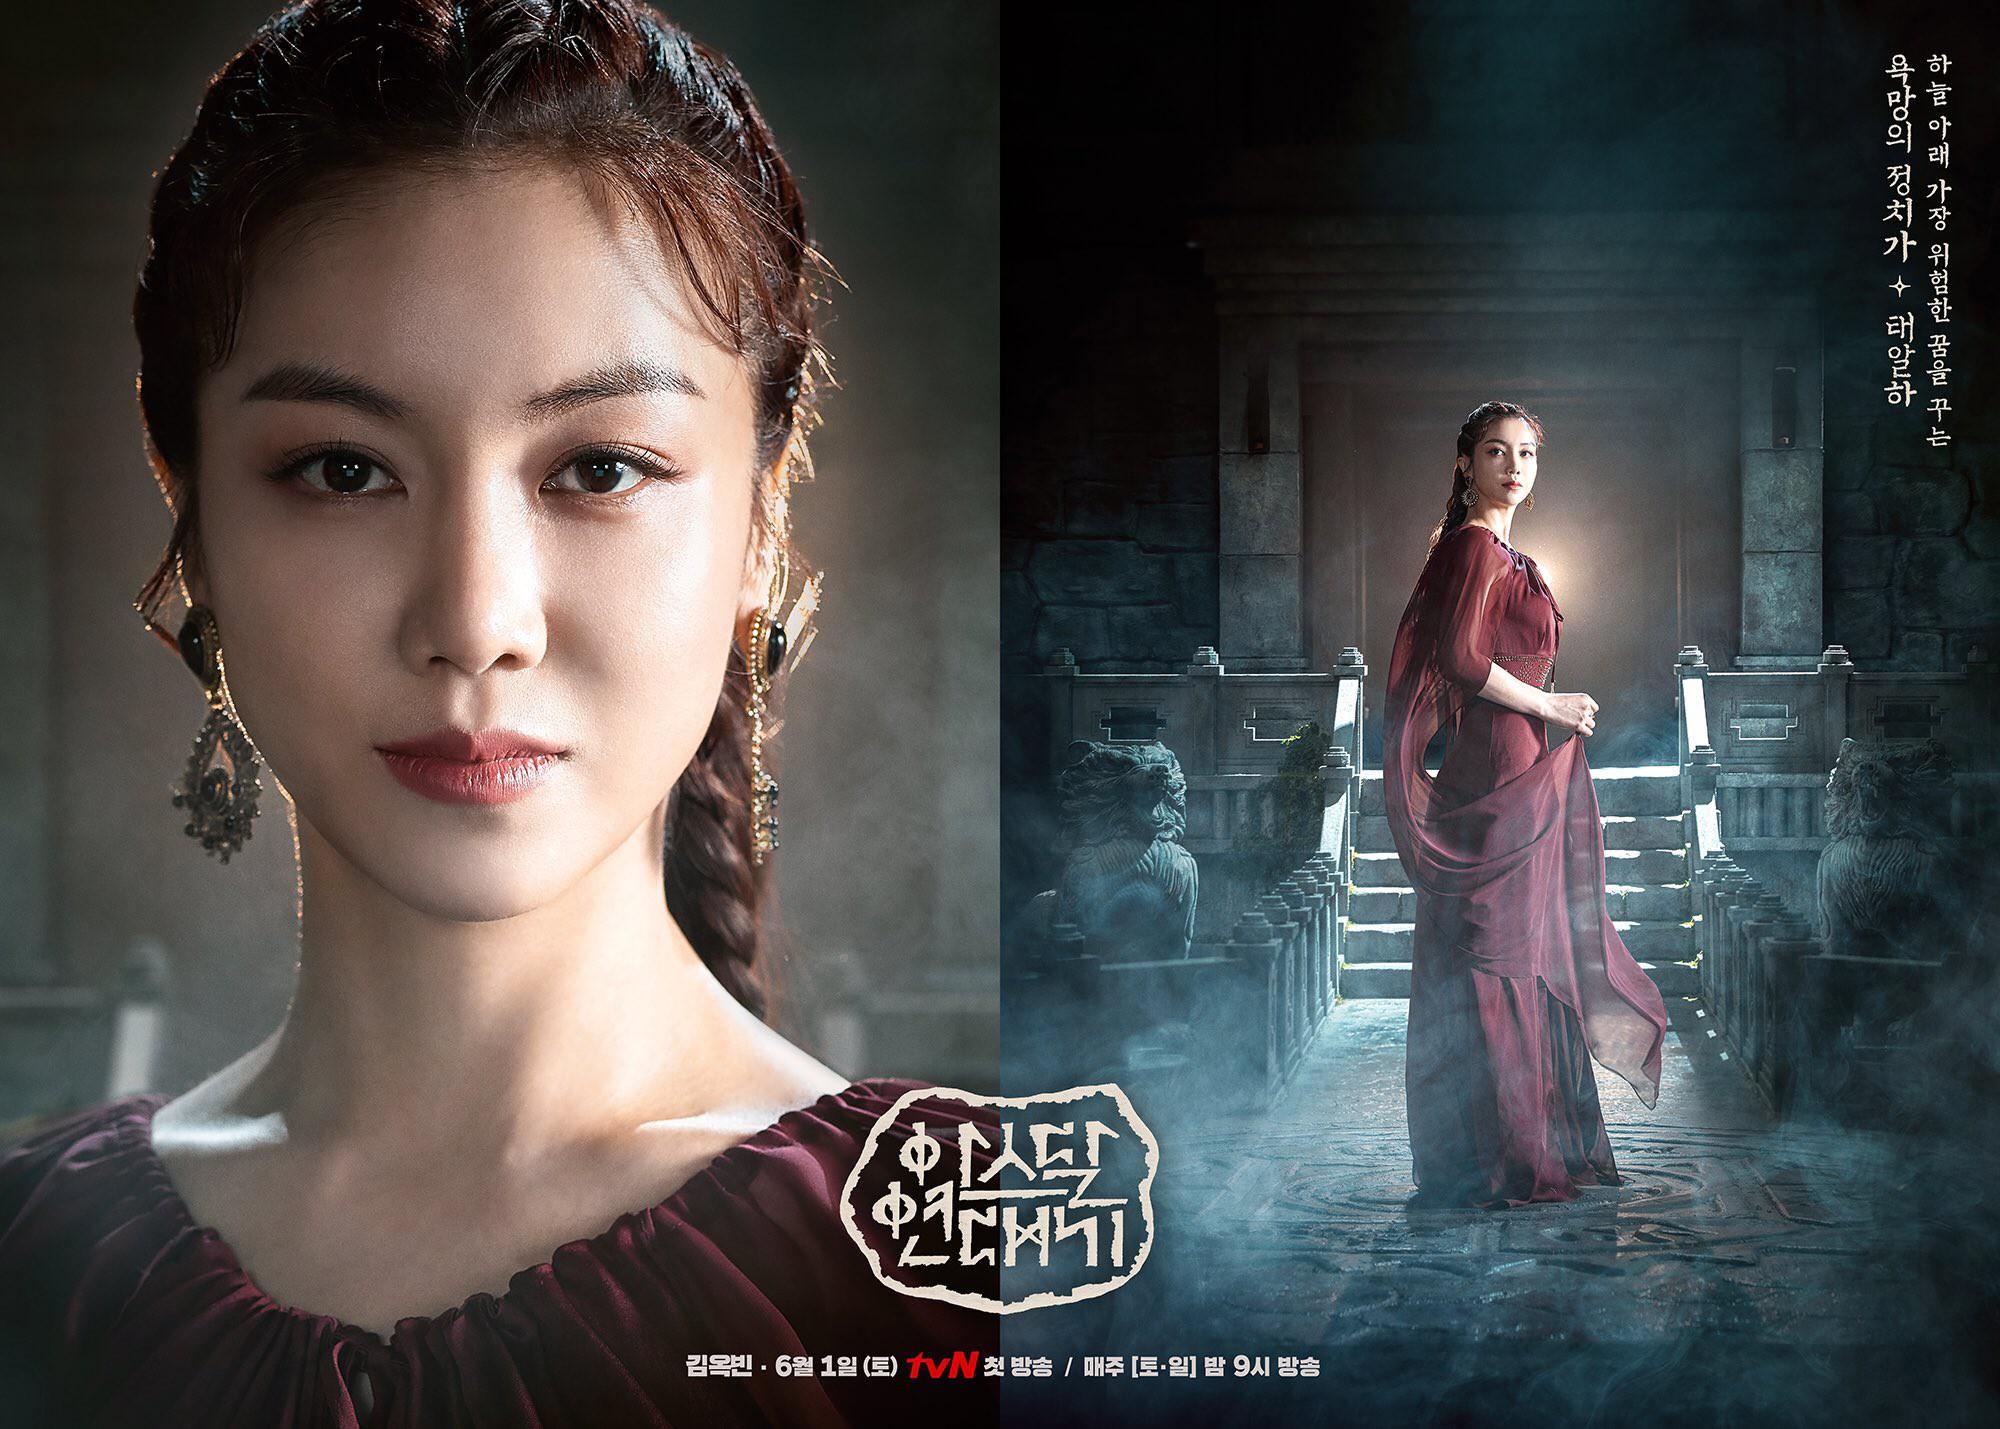 Game of Thrones Châu Á trước giờ G: Đọc ngay cẩm nang 5 điều cần biết, đừng làm người rừng như Song Joong Ki! - Ảnh 14.